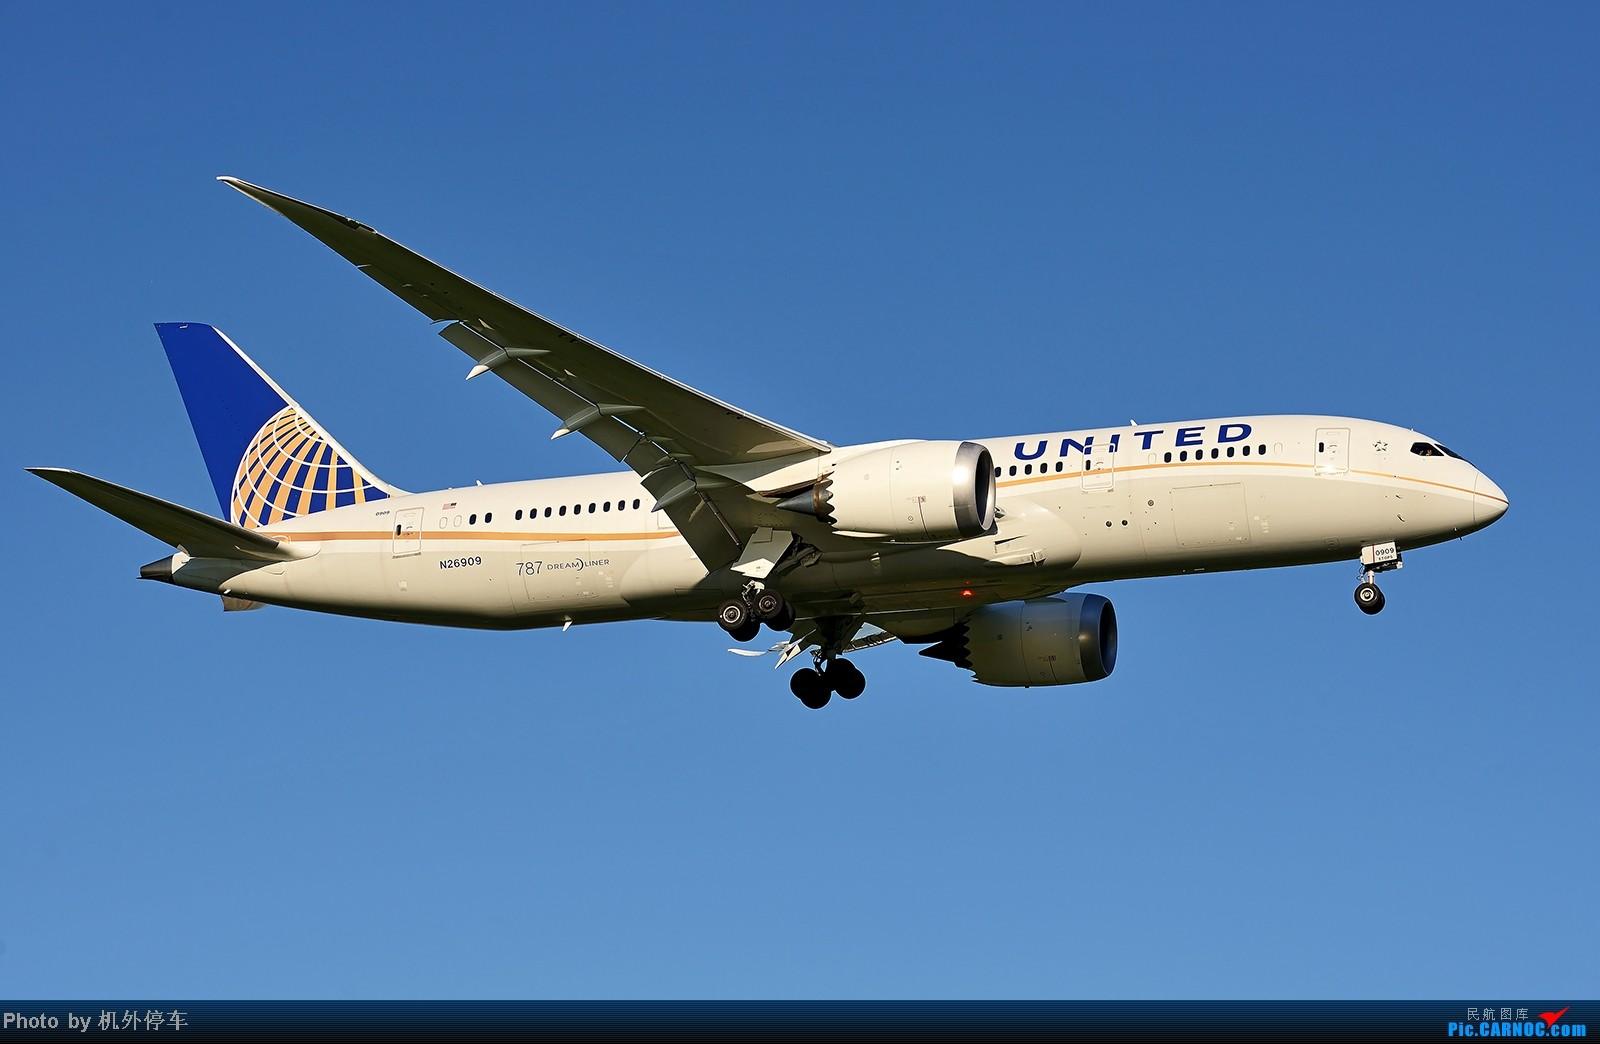 Re:[原创]杂图几张,祝大家周末愉快! BOEING 787-8 N-26909 中国成都双流机场